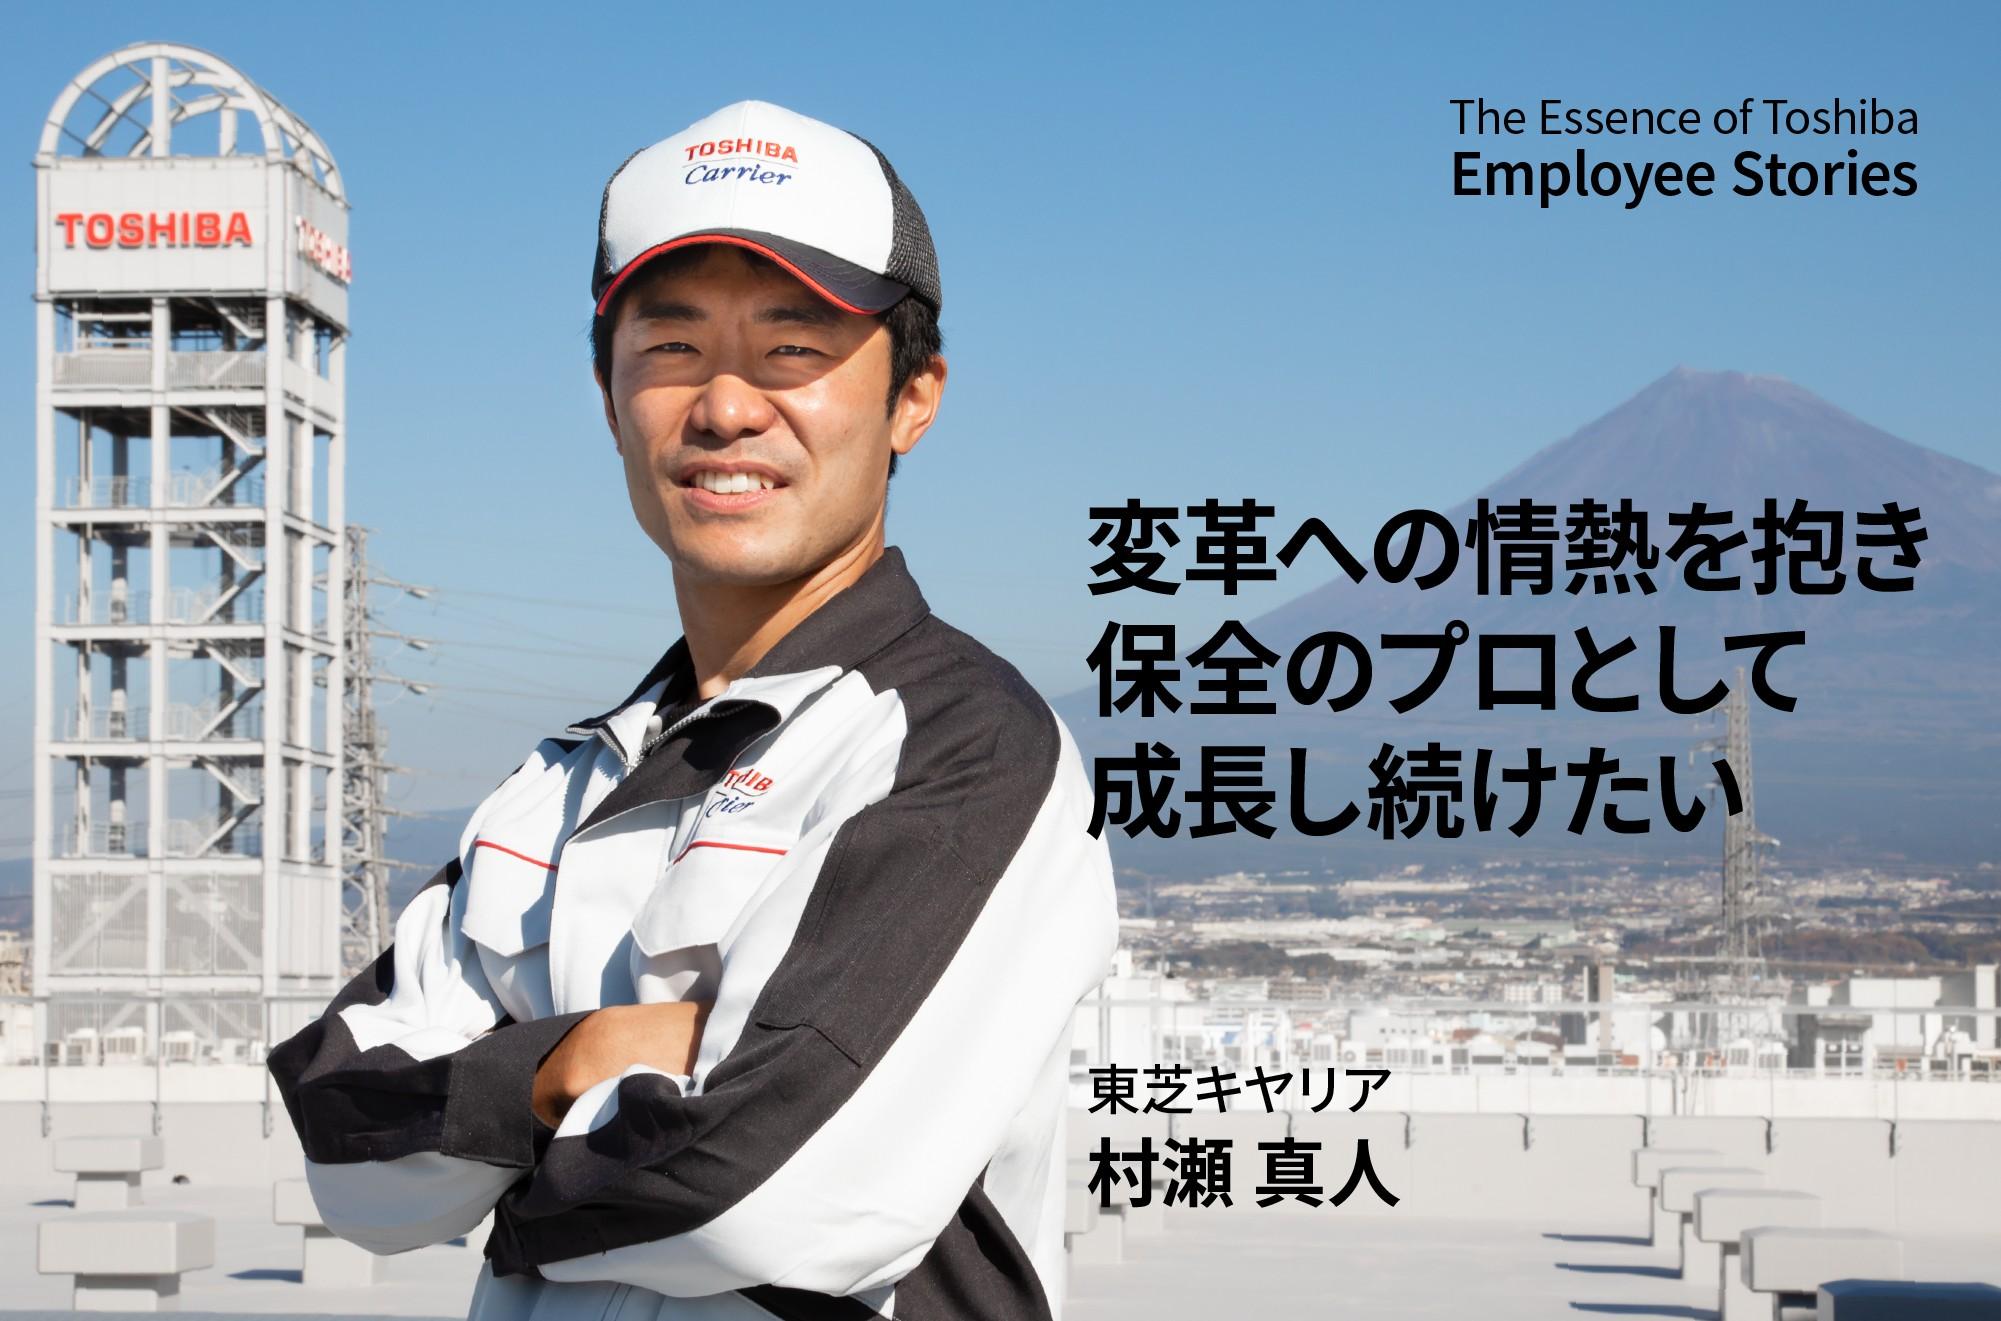 変革への情熱を抱き、保全のプロとして成長し続けたい ~理念ストーリー We are Toshiba~